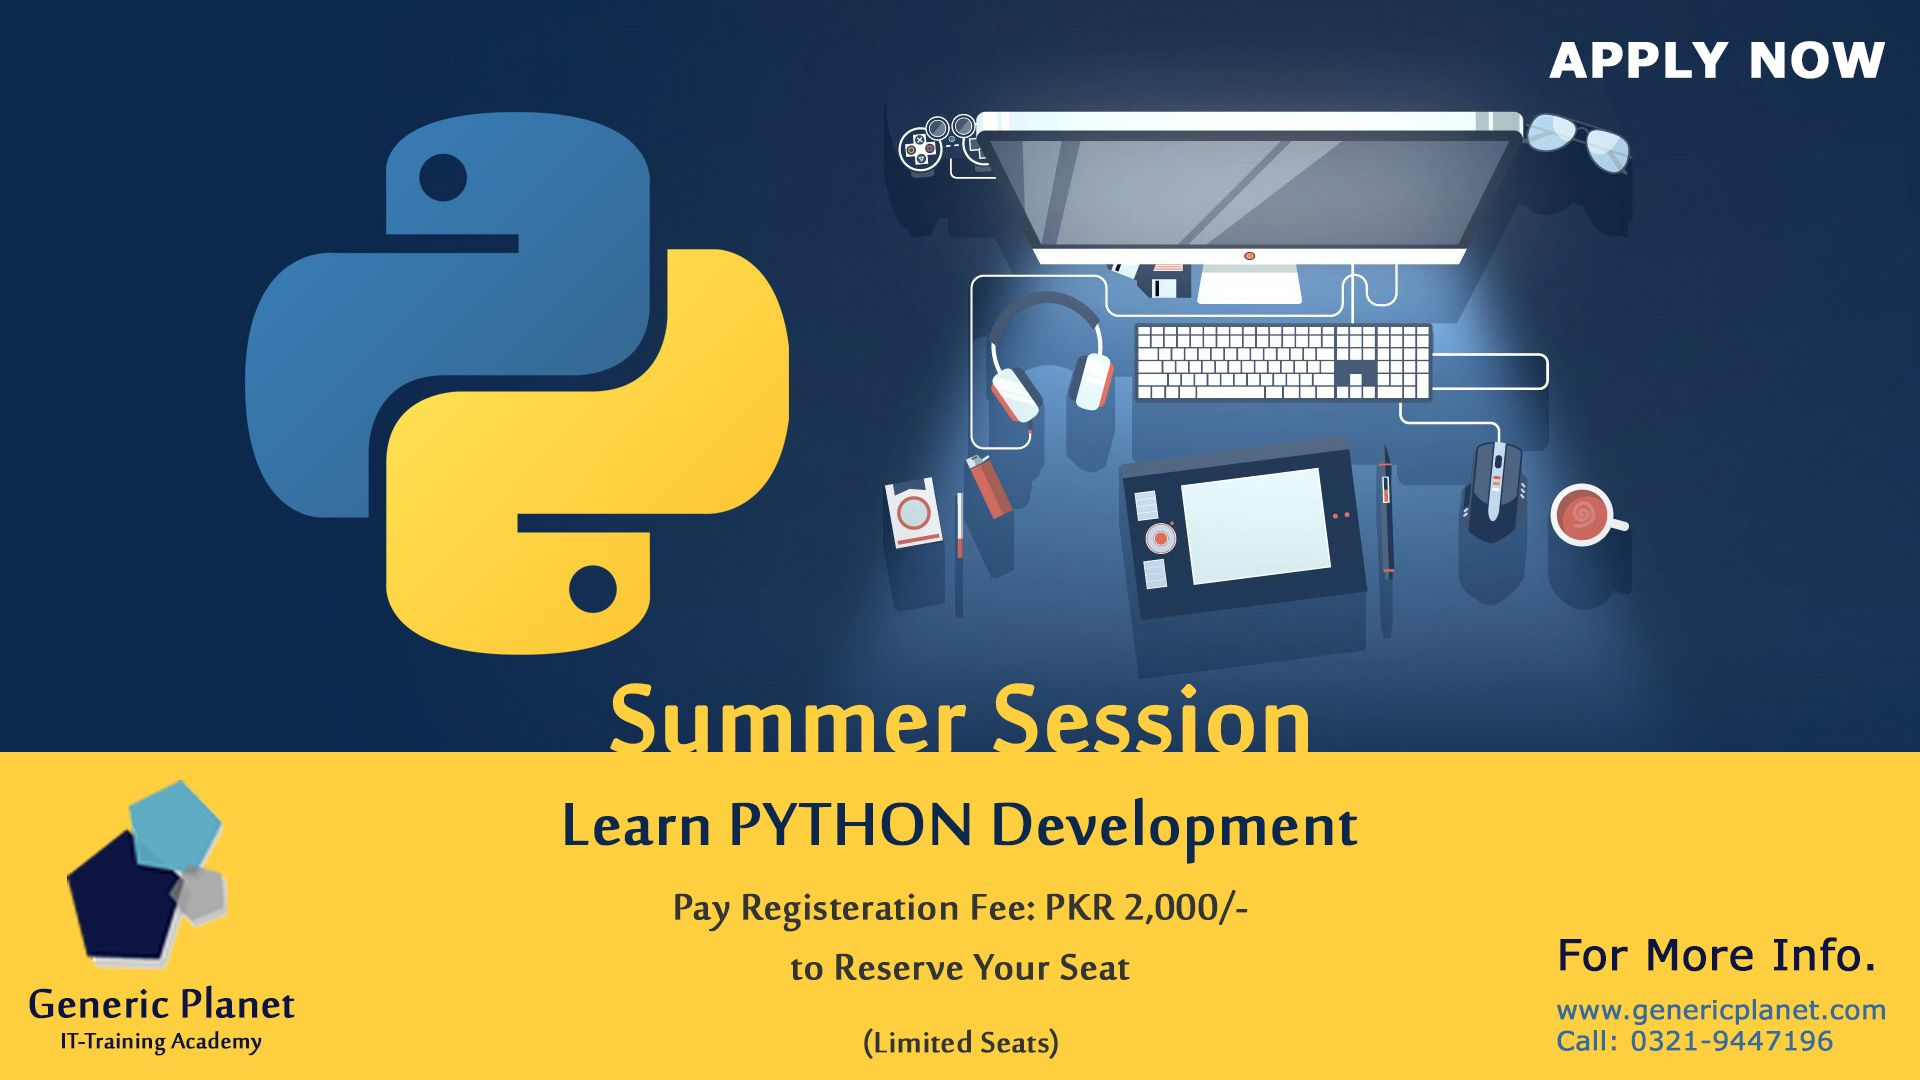 SummerTraningSession #PythonDevelopment Registration Link